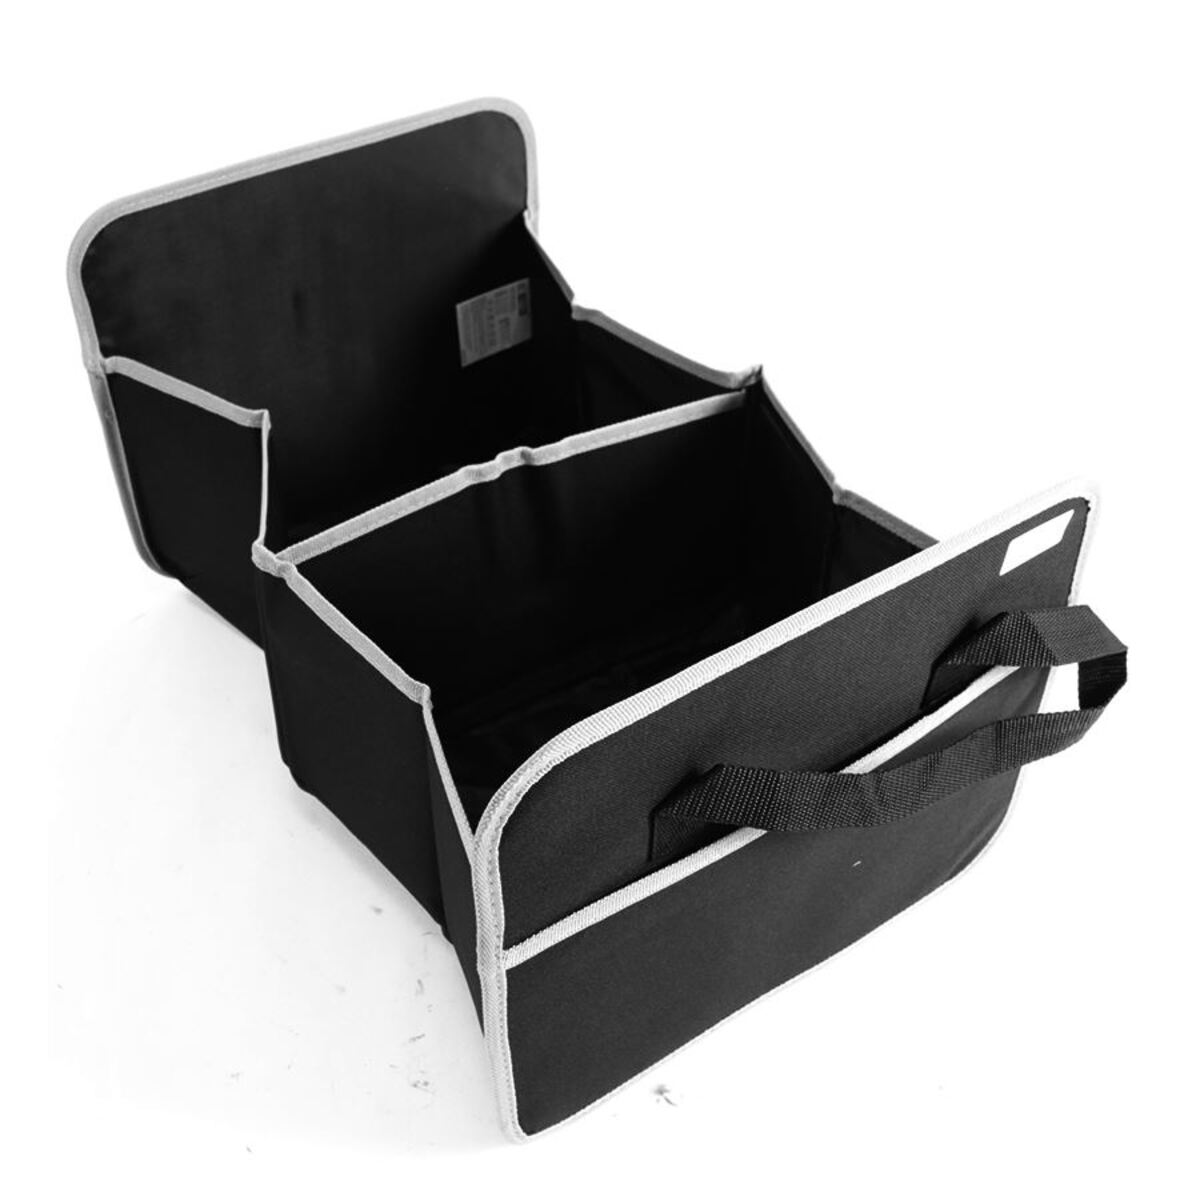 Bild 3 von Kofferraumtasche mit 2 Fächern Schwarz